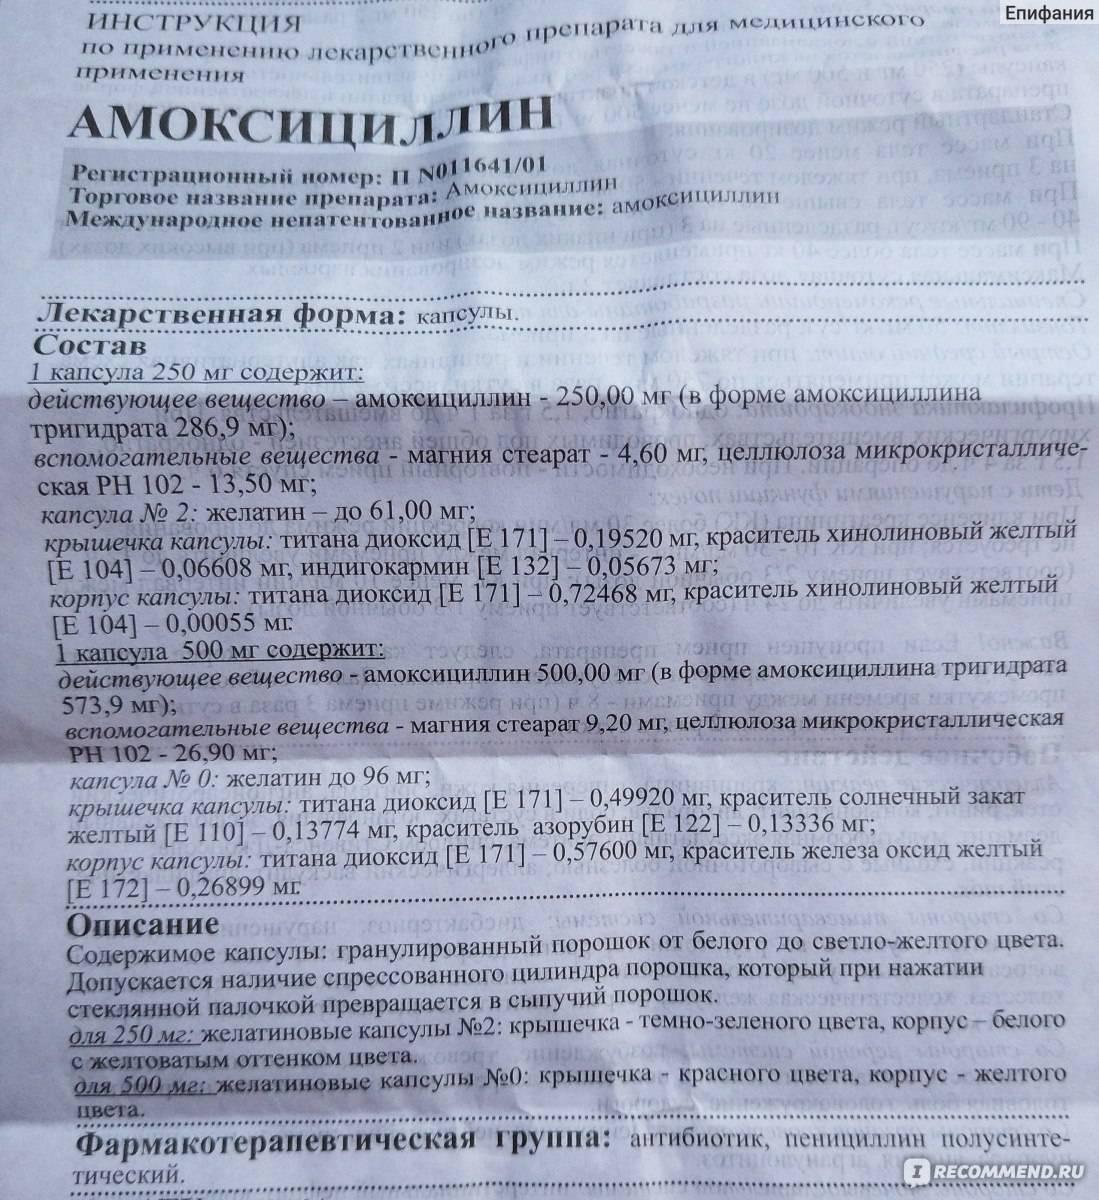 ➤ амоксициллин таблетки 250 мг инструкция по применению - лекарственный препарат производства ао «авва рус»